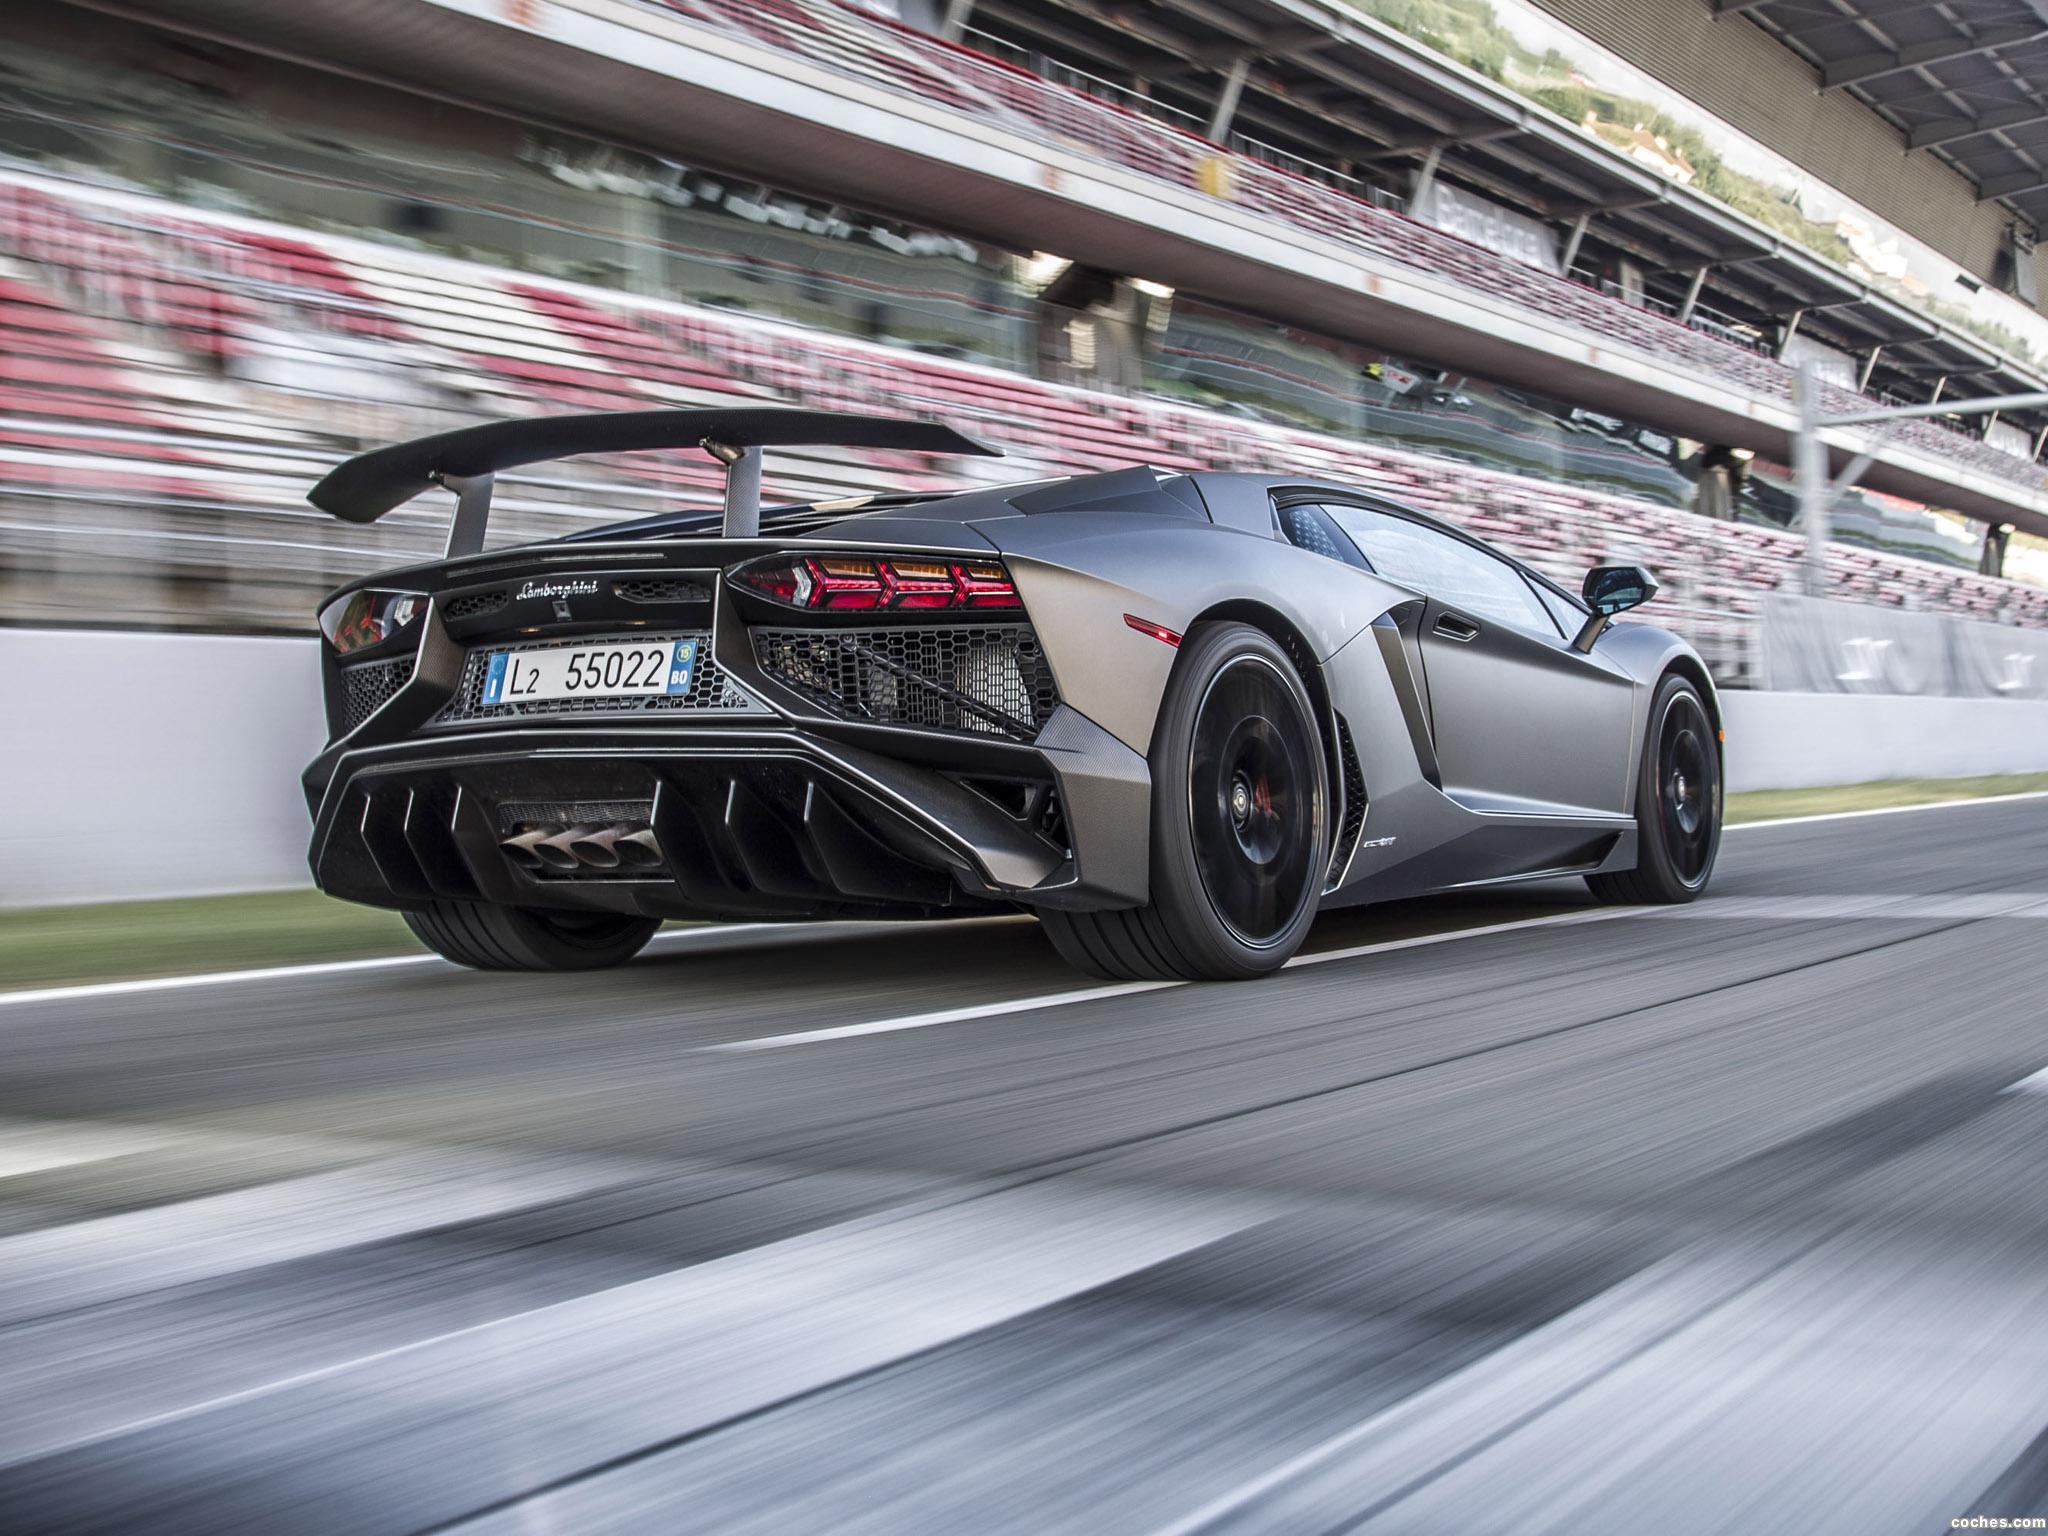 Foto 9 de Lamborghini Aventador LP750-4 Superveloce USA 2015